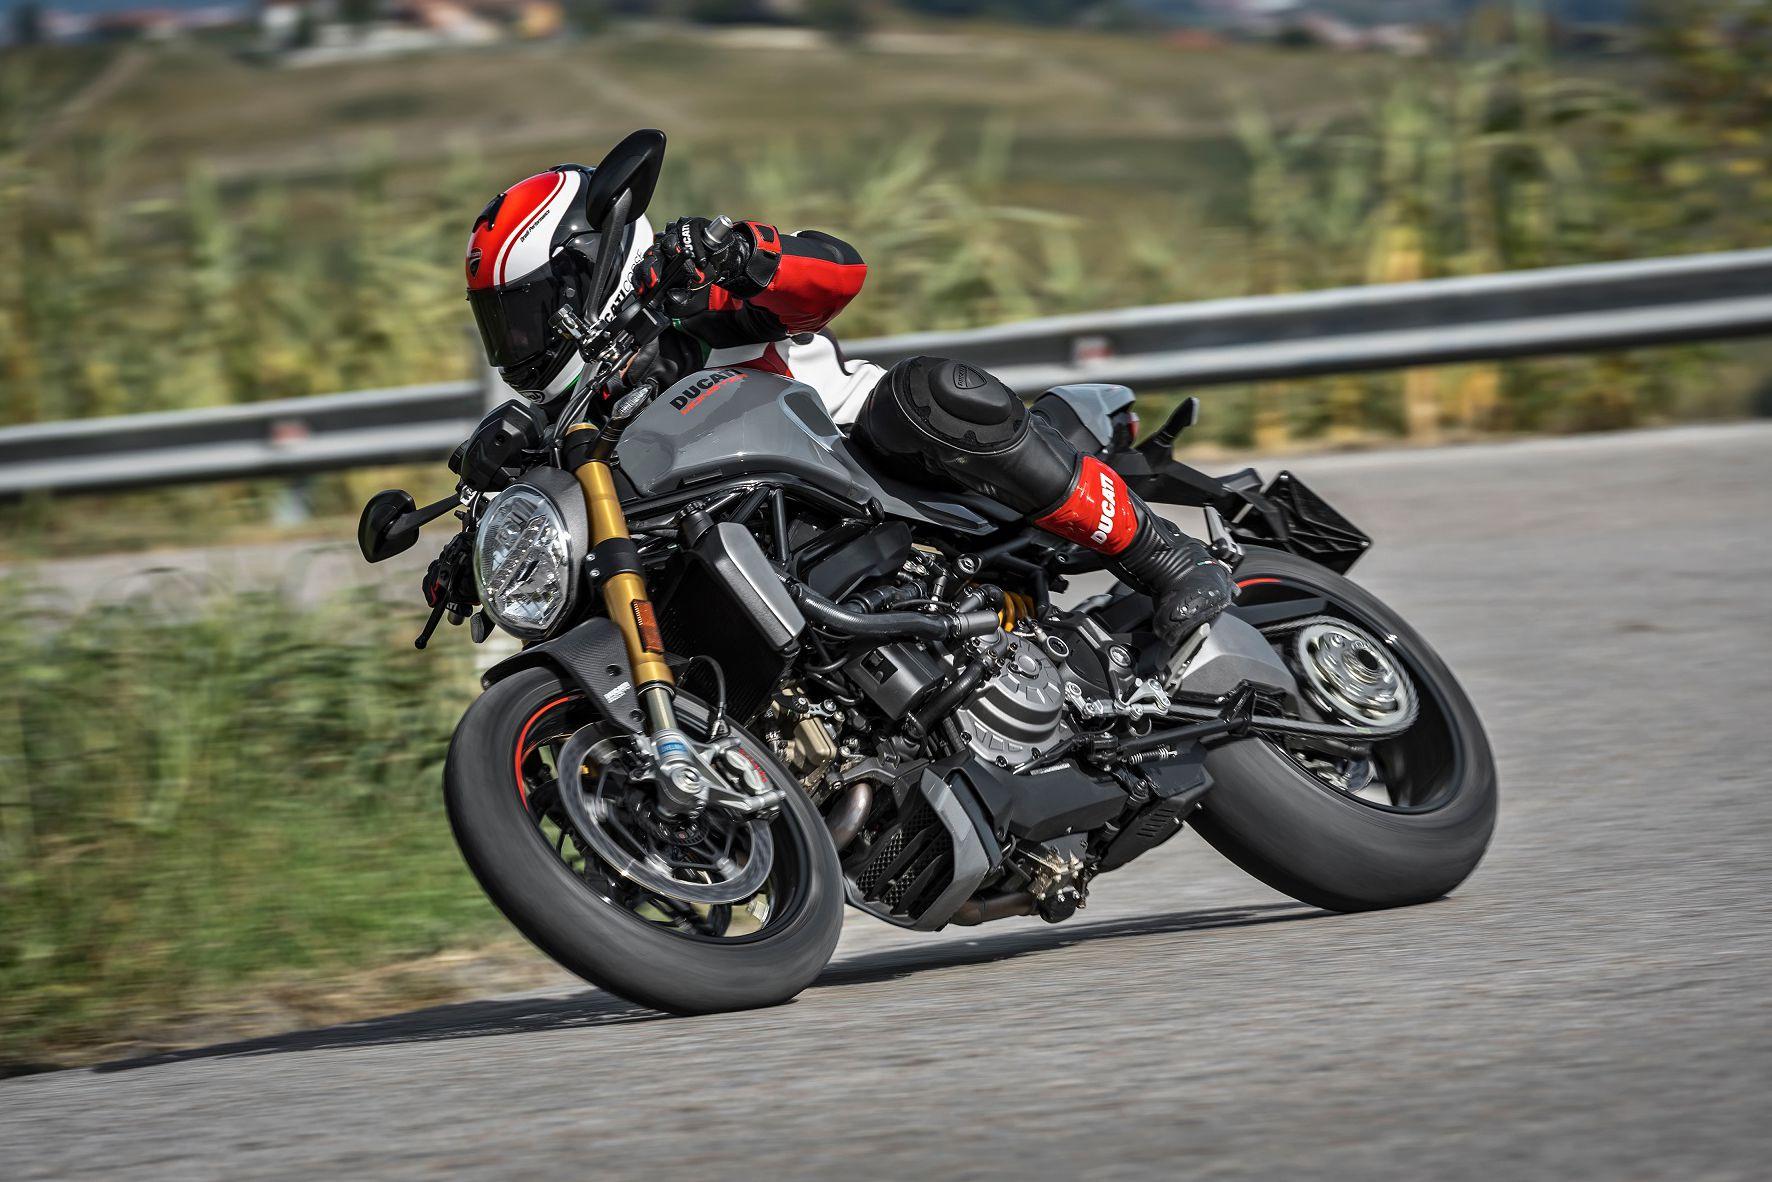 New Ducati Monster 1200s 4